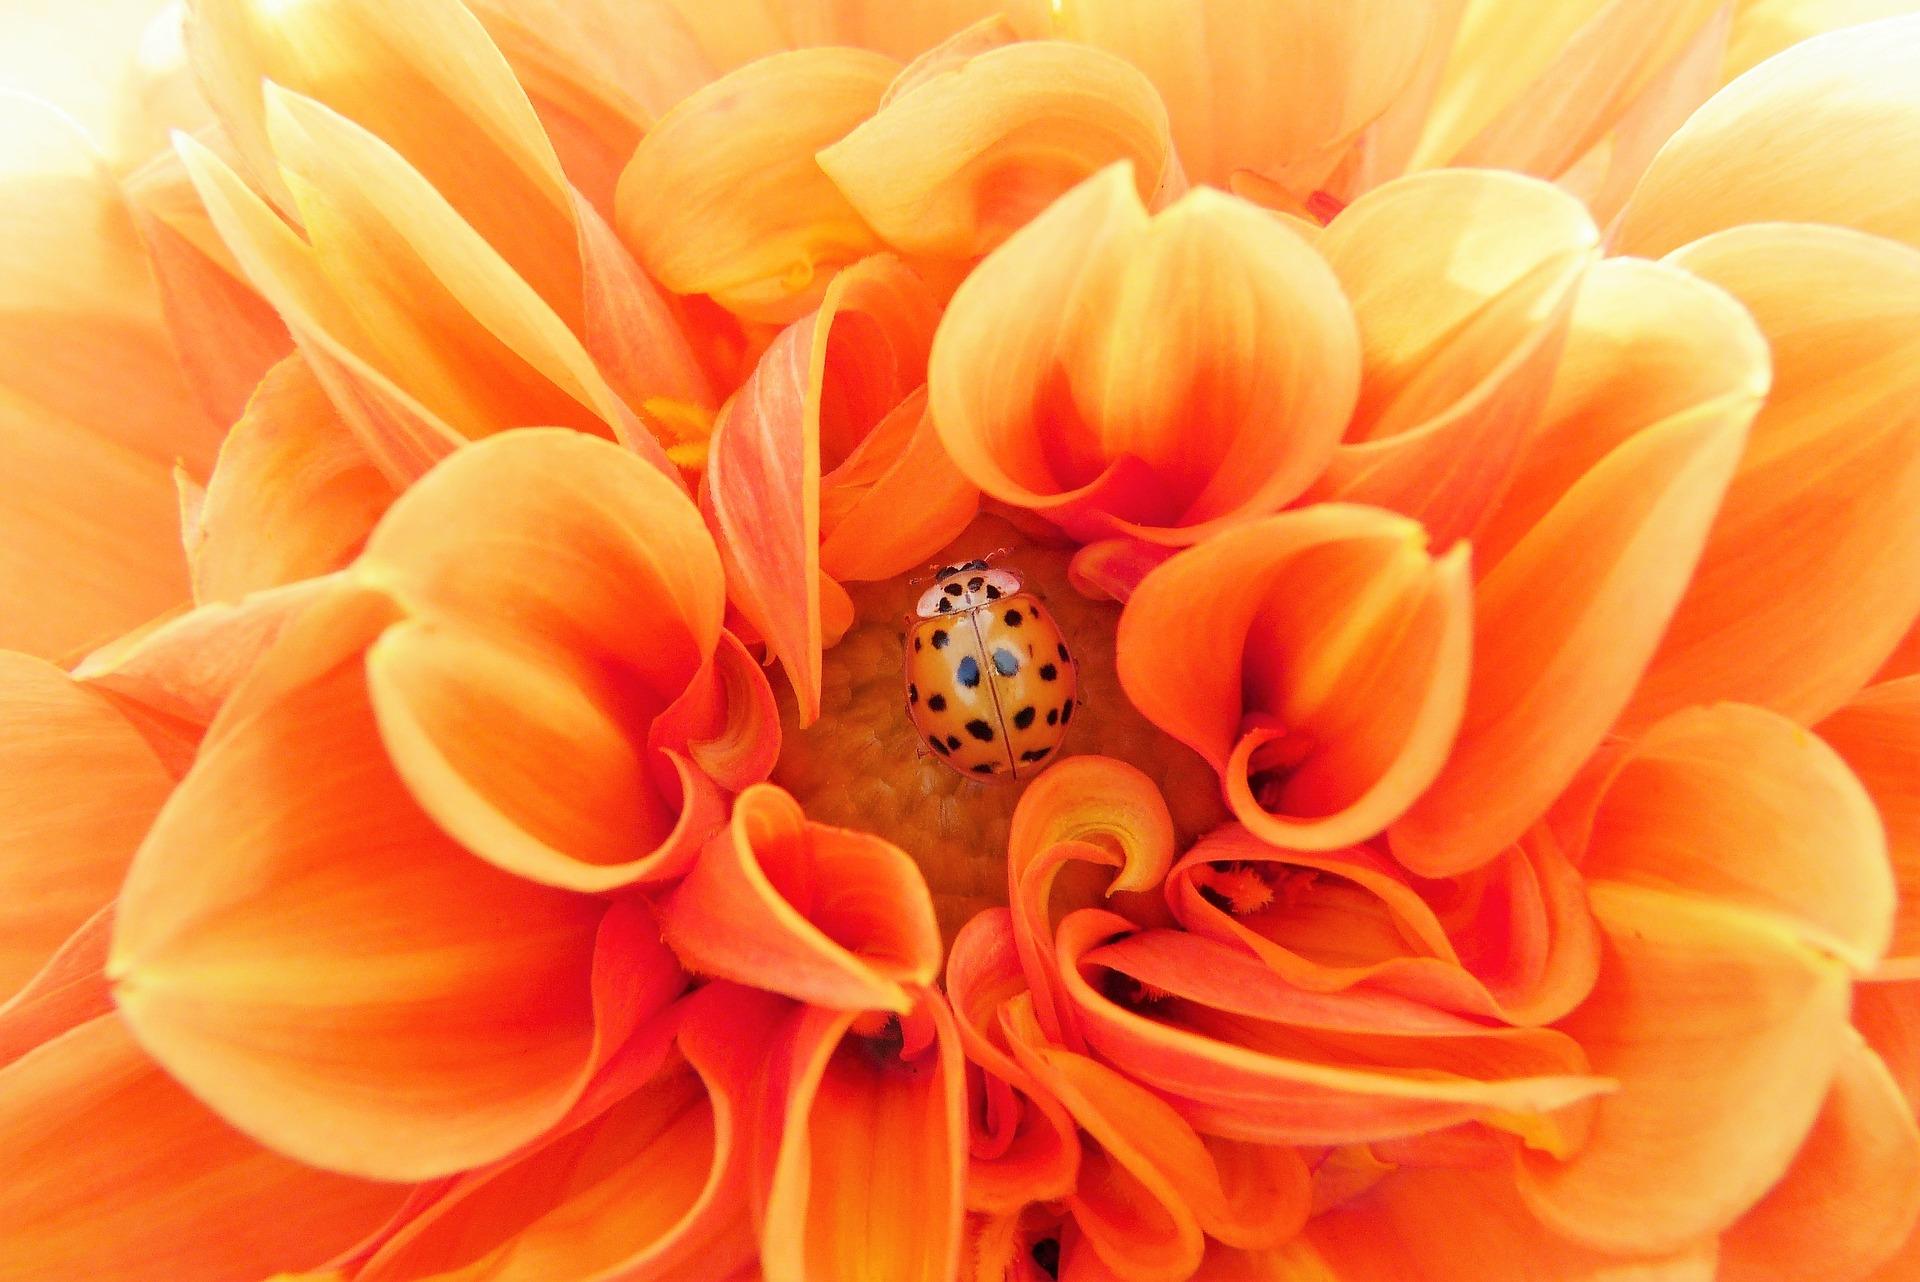 http://www.althea-fleurs.com/wp-content/uploads/2019/10/dahlia-2798610_1920-1.jpg